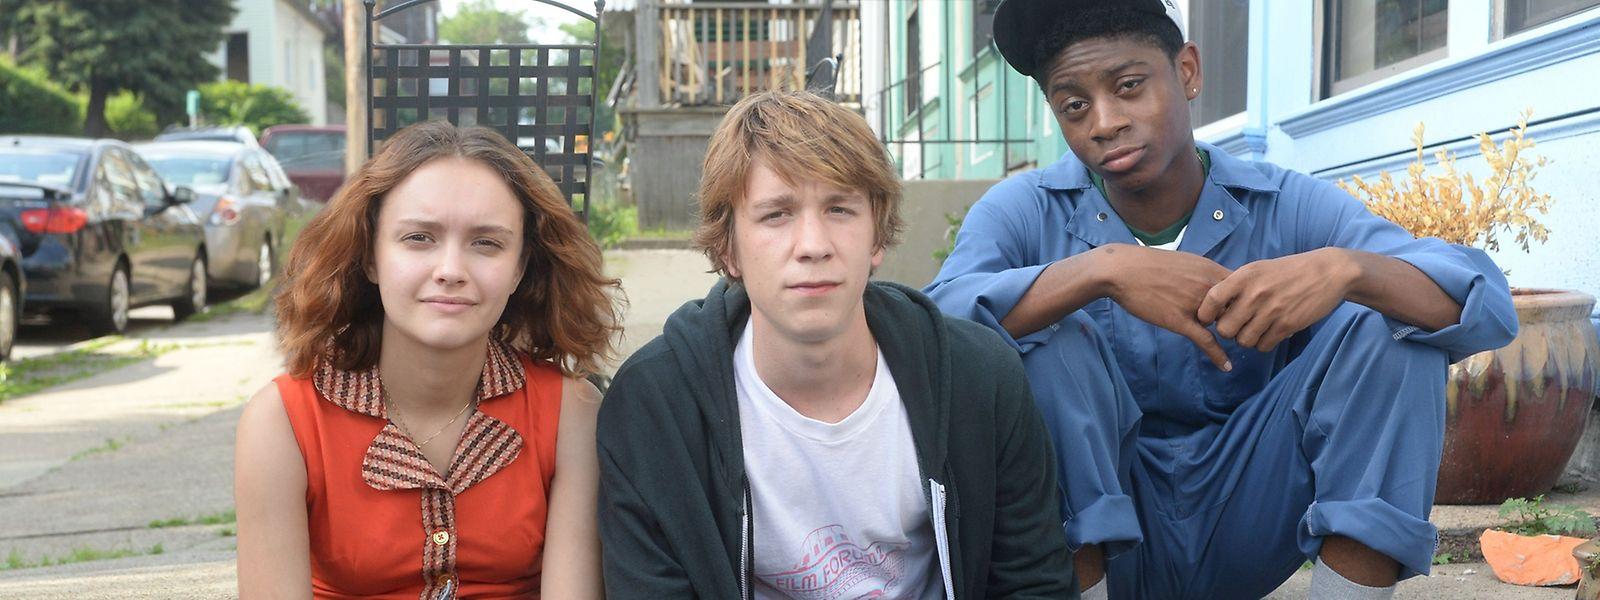 Ein Schicksalsschlag führt Rachel (Olivia Cooke), Greg (Thomas Mann, M.) und Earl (RJ Cyler) zusammen.